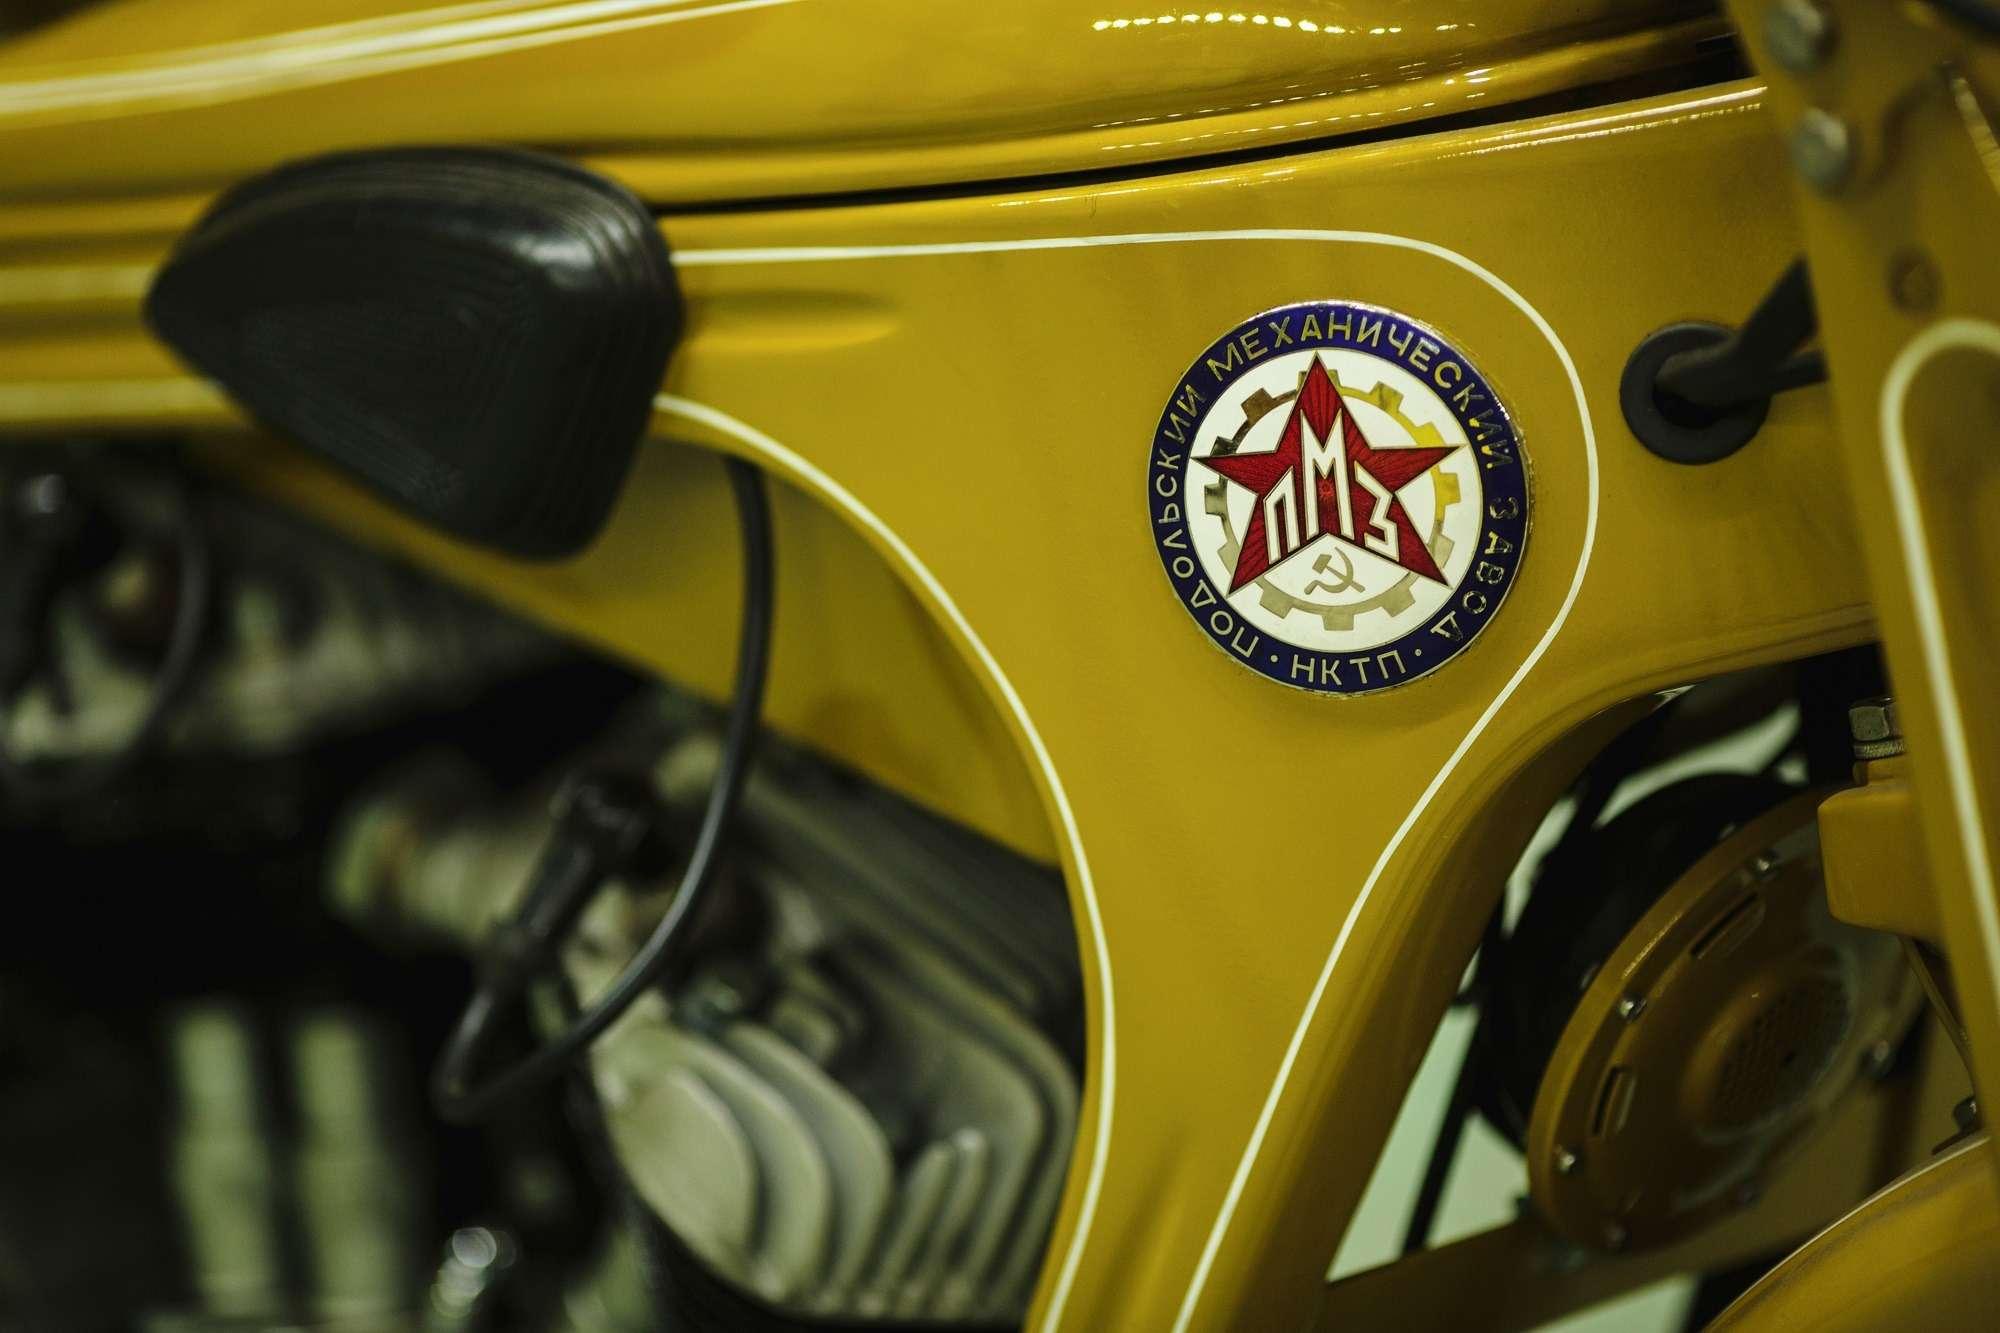 Тяжелый мотоцикл ПМЗ А-750: как Harley-Davidson оказался в ходовой BMW — фото 927412